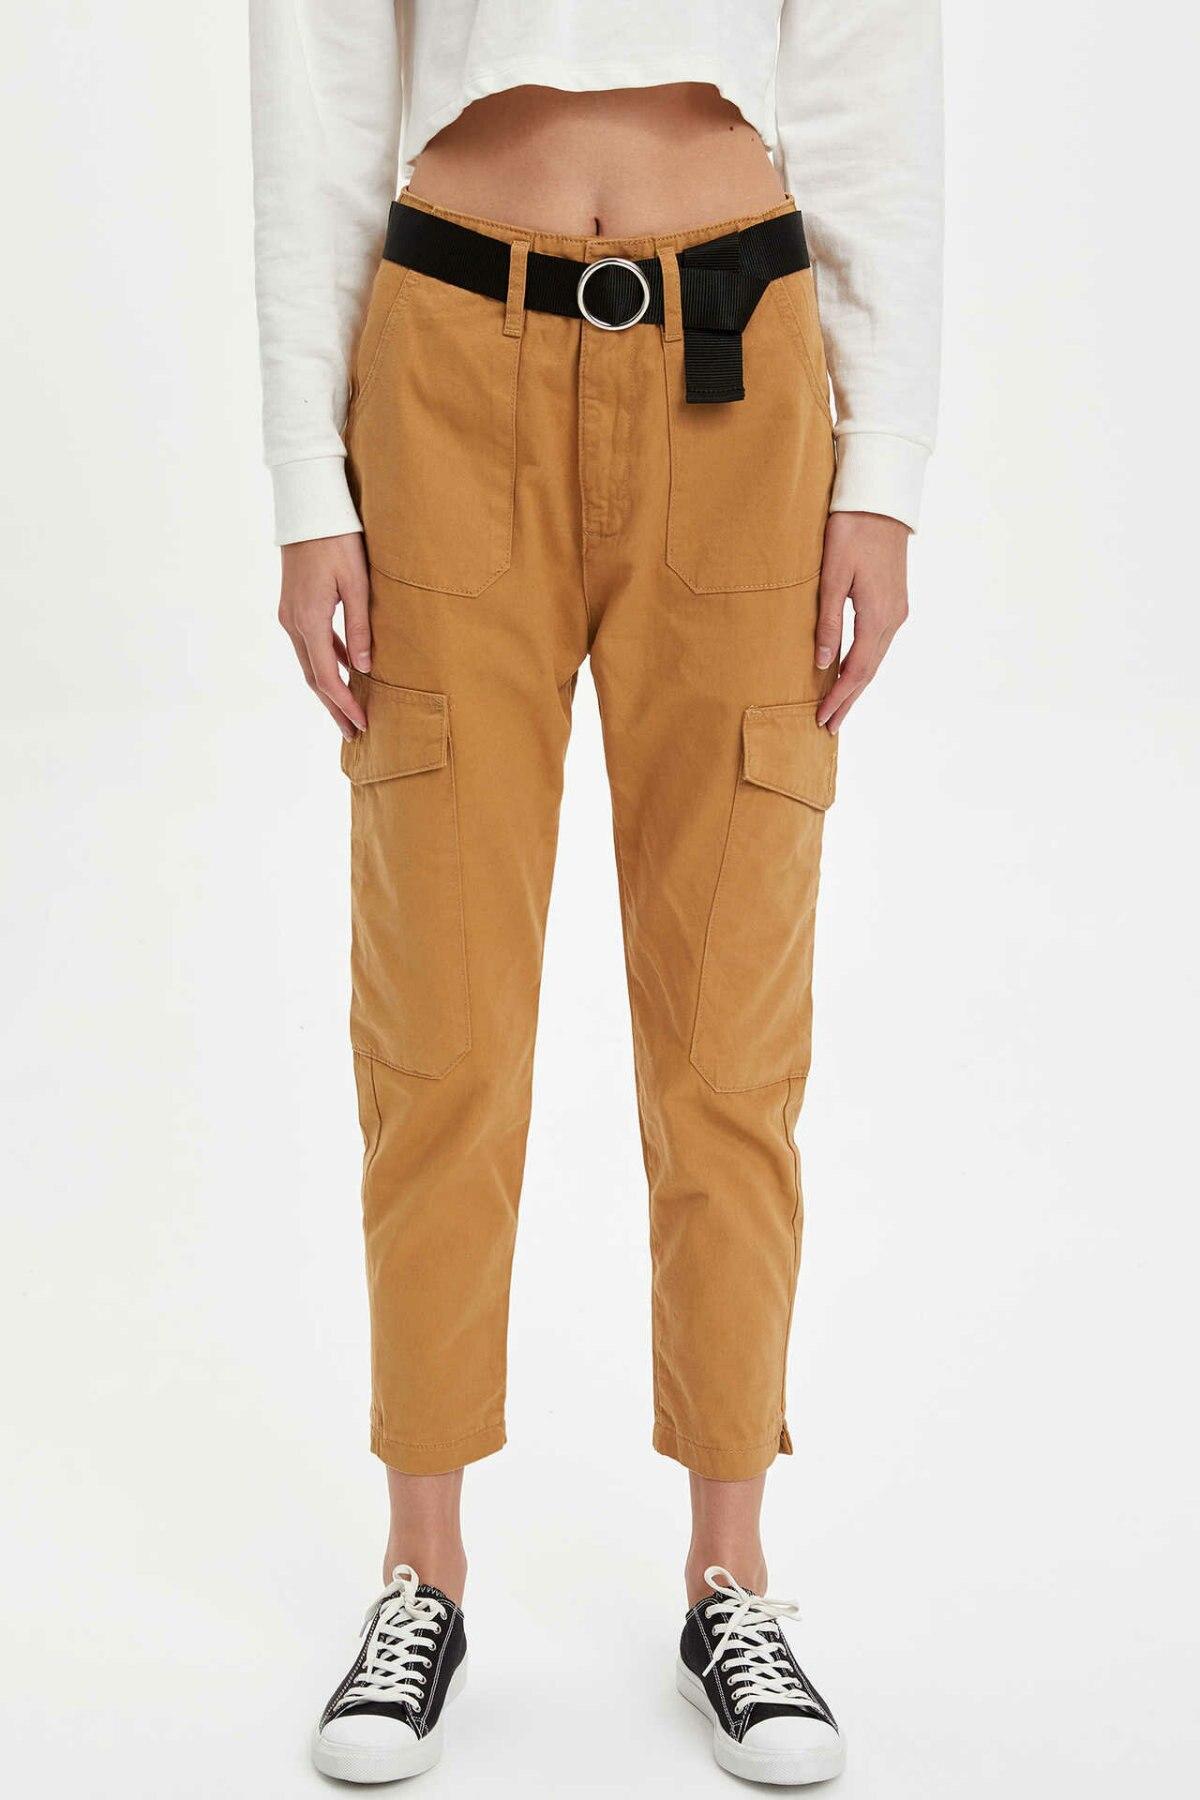 DeFacto Woman Fashion Yellow Trousers Slim Pencil Pants Big Pockets Decors Women Casual Streetwear Long Pants-L9928AZ19AU